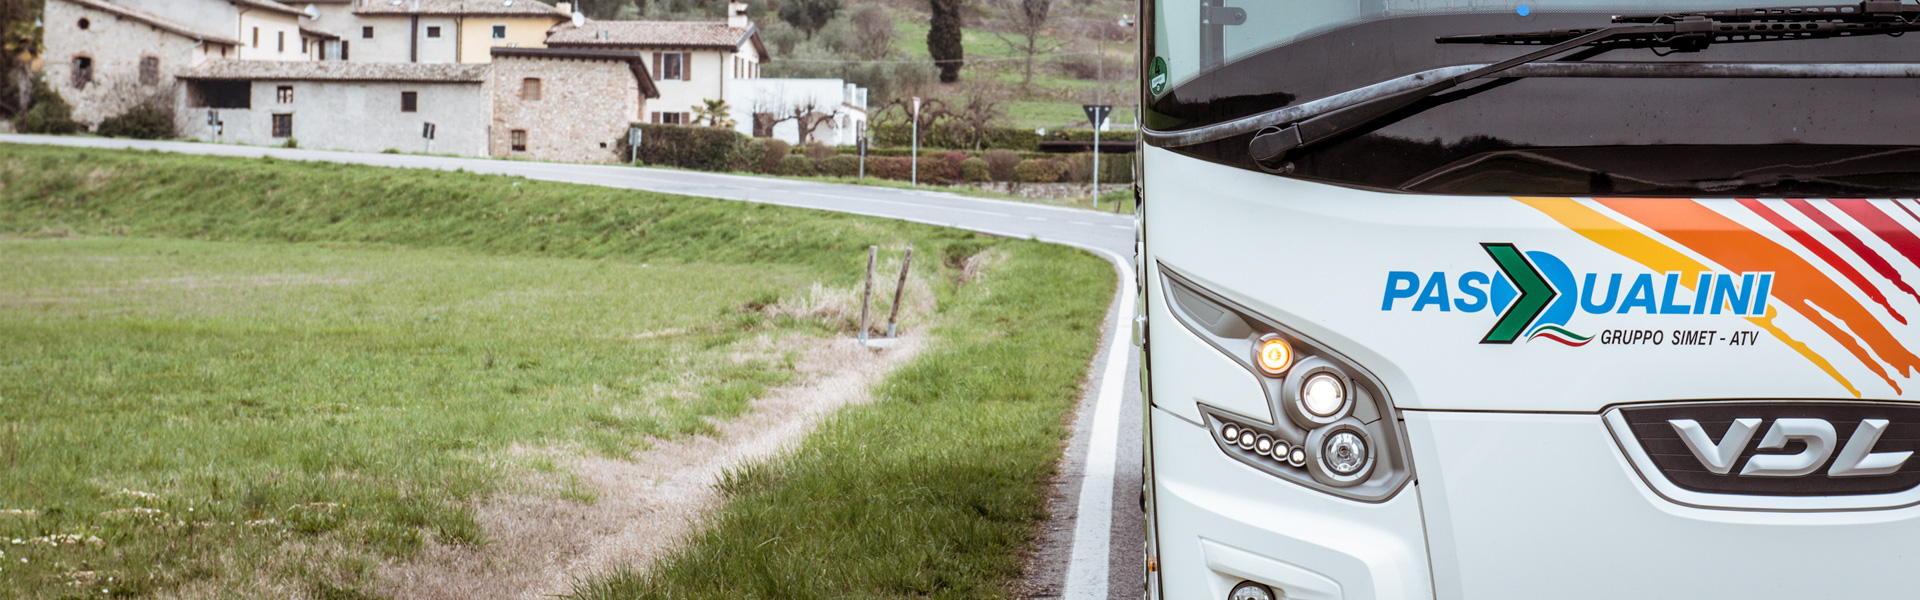 contatti header - pasqualini bus verona 2